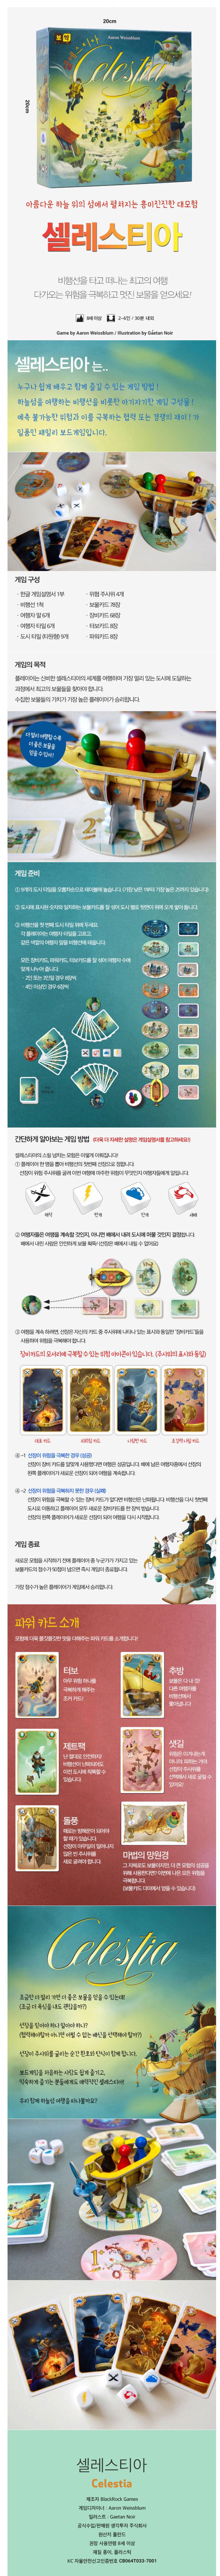 보약게임 셀레스티아 + 리틀헬프 세트 (갈고리카드 증정) - 피에스컴퍼니, 32,900원, 보드게임, 두뇌 게임